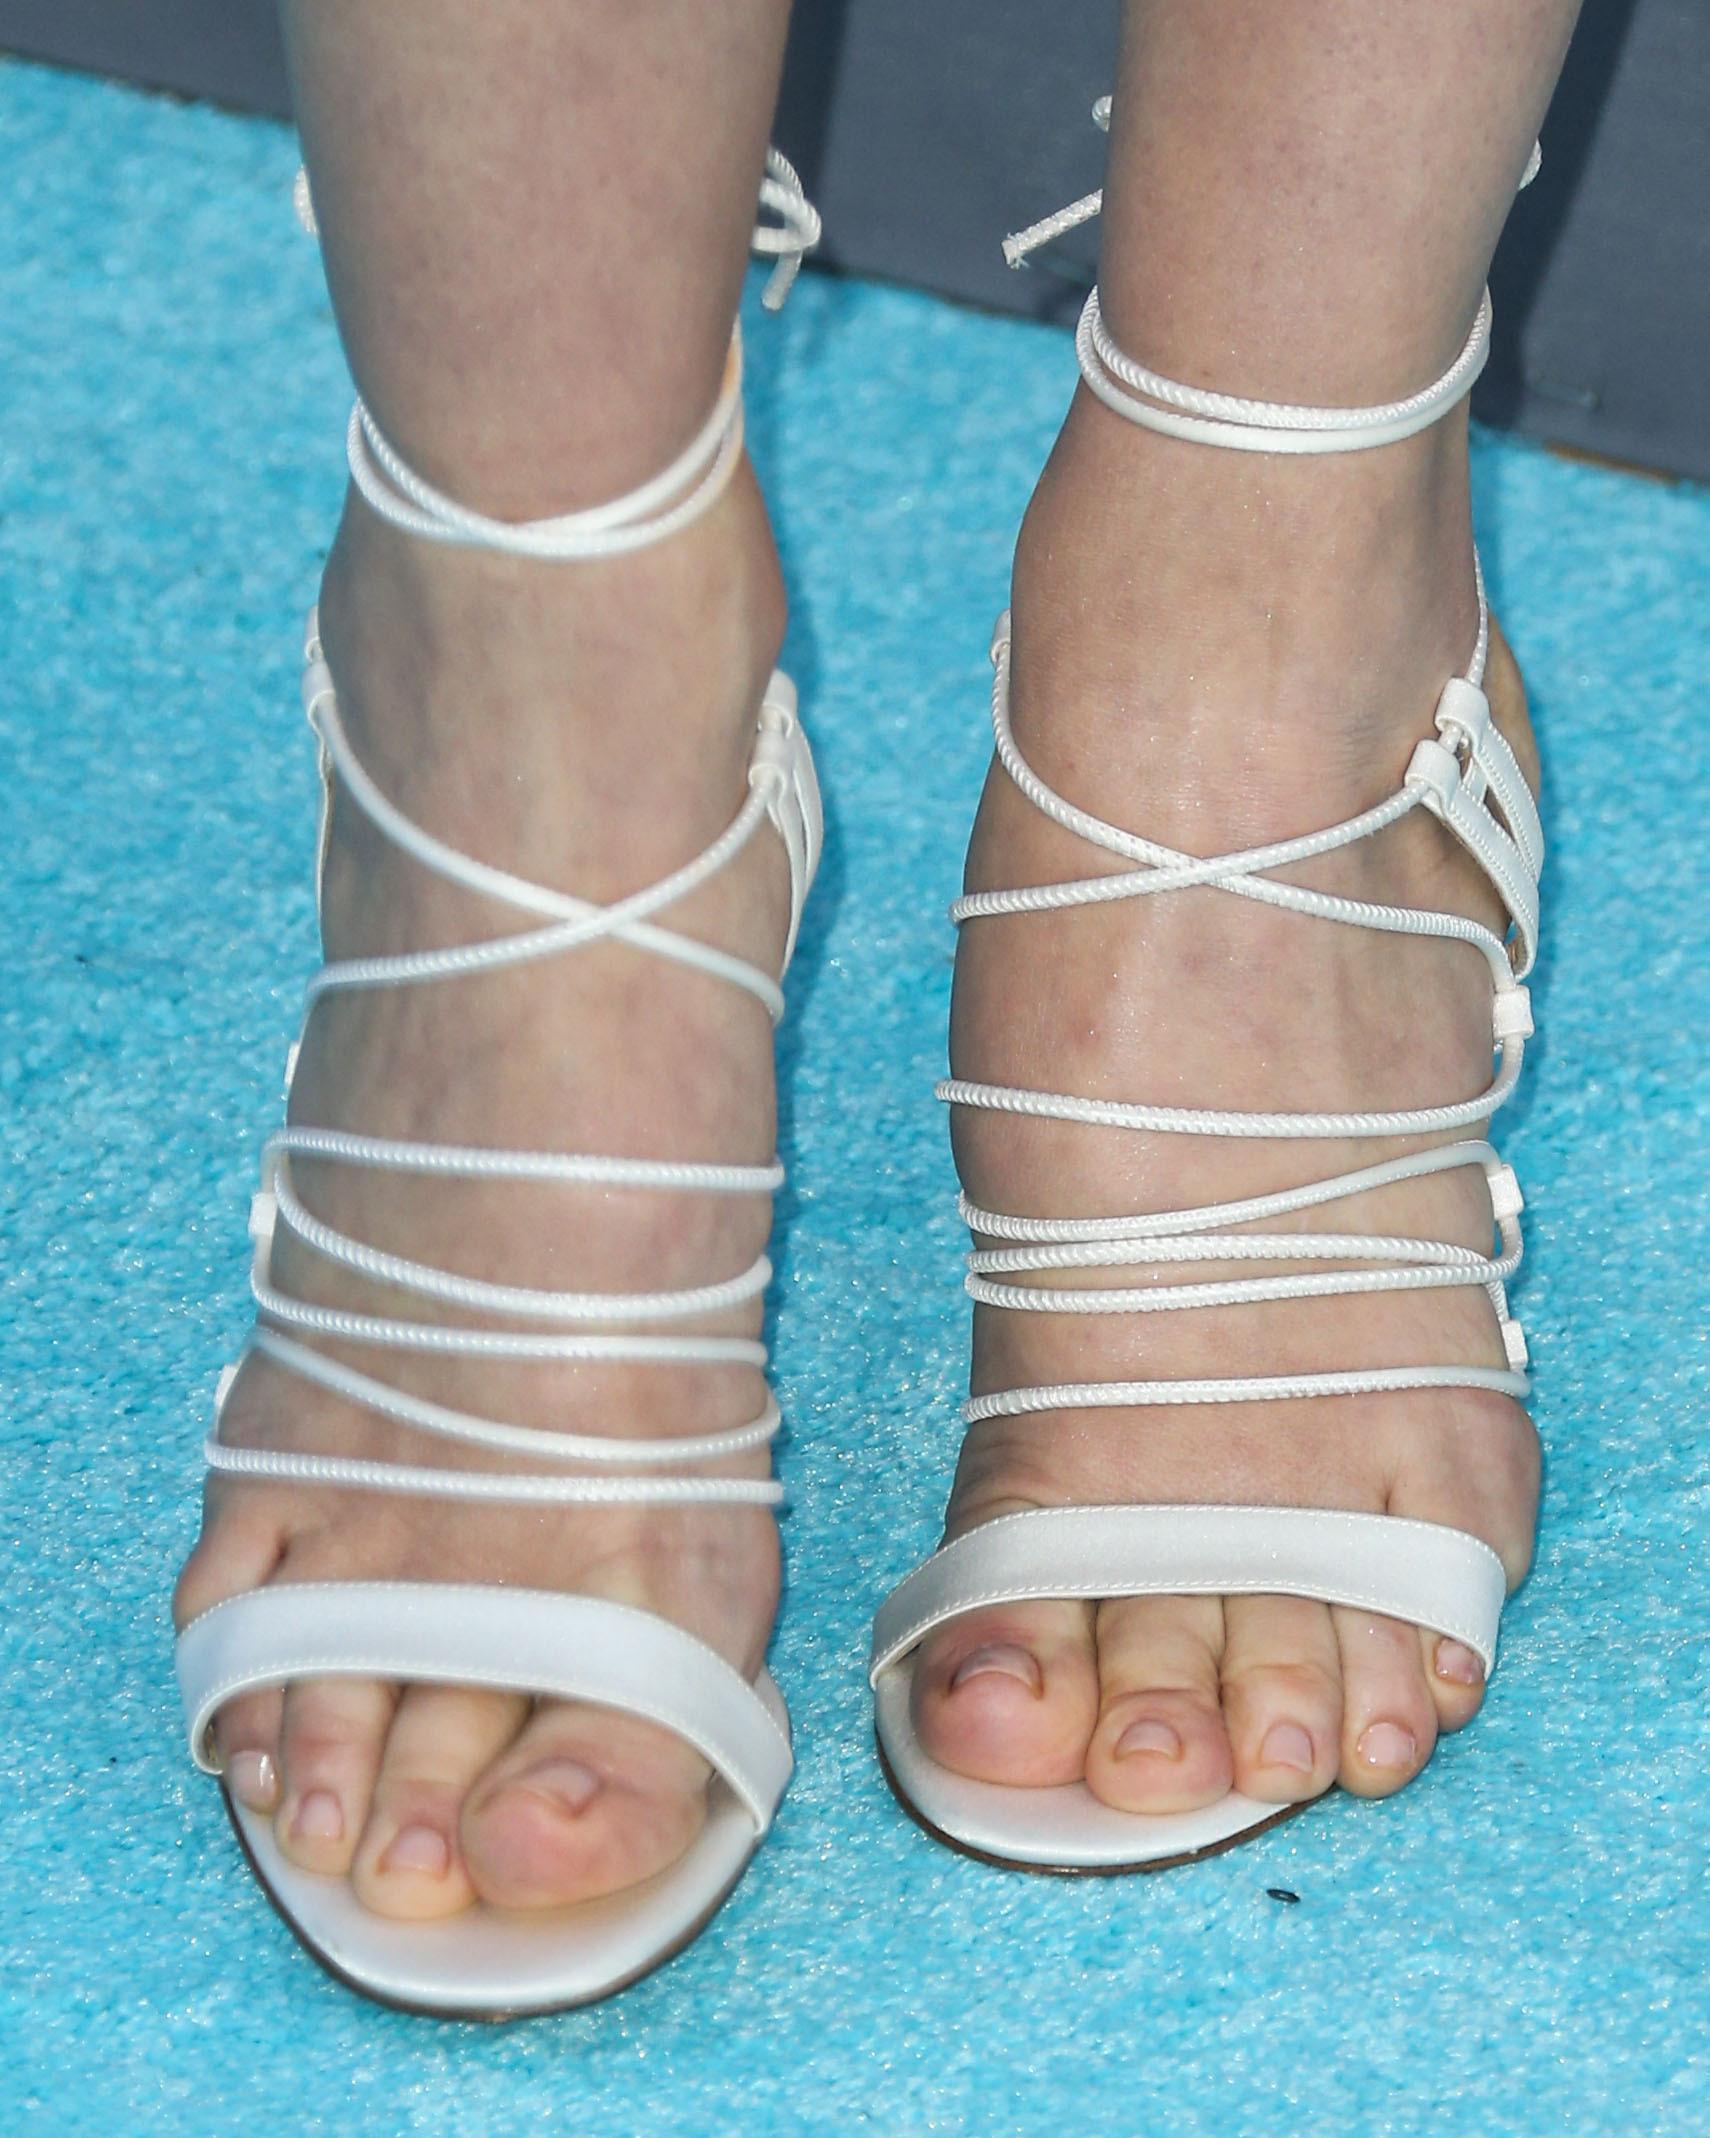 January Jones's FeetJanuary Jones Foot